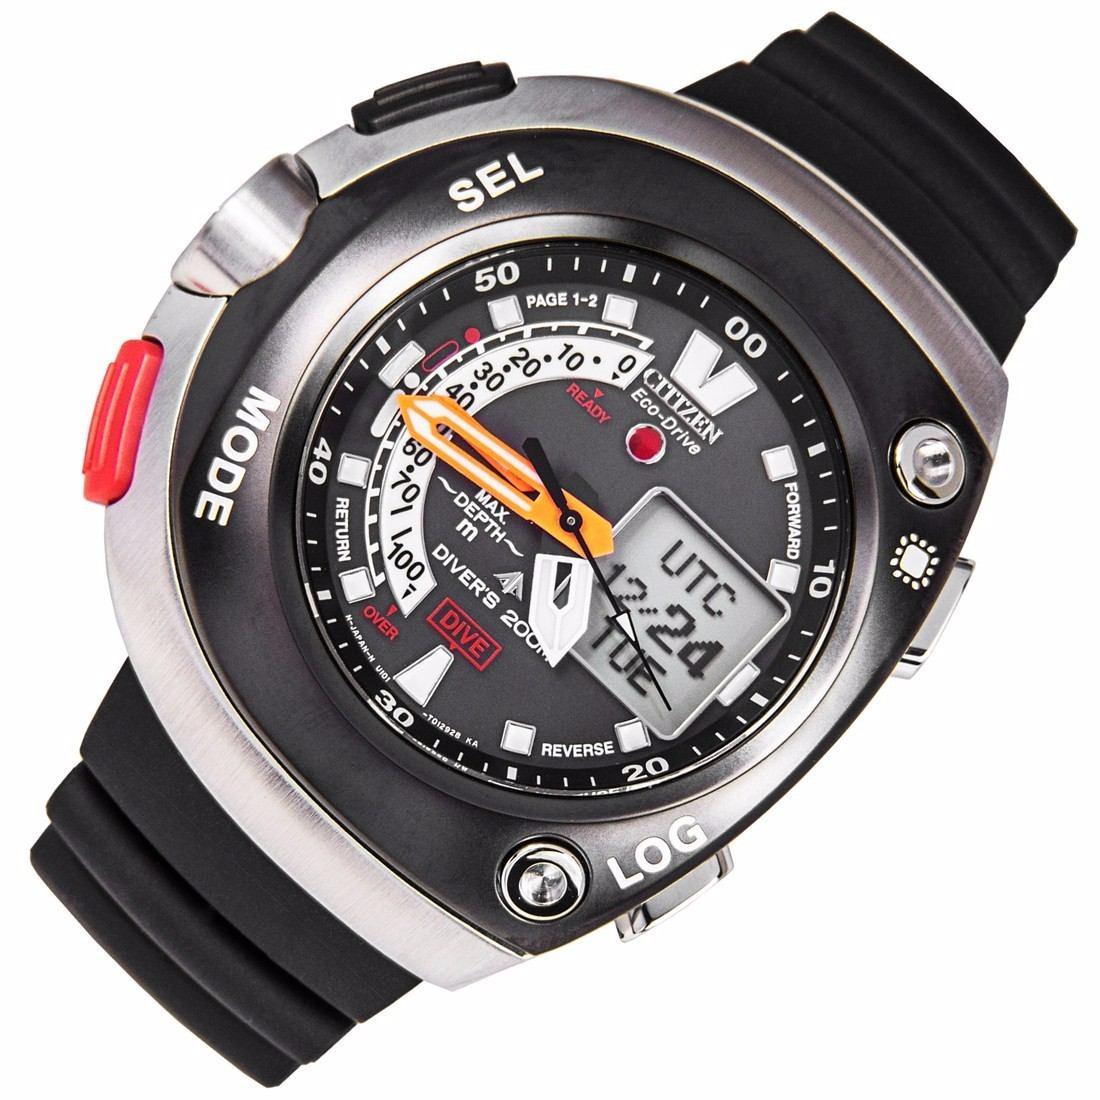 acaa4a247a2d reloj citizen eco-drive promaster aqualand divers jv0020-04e. Cargando zoom.